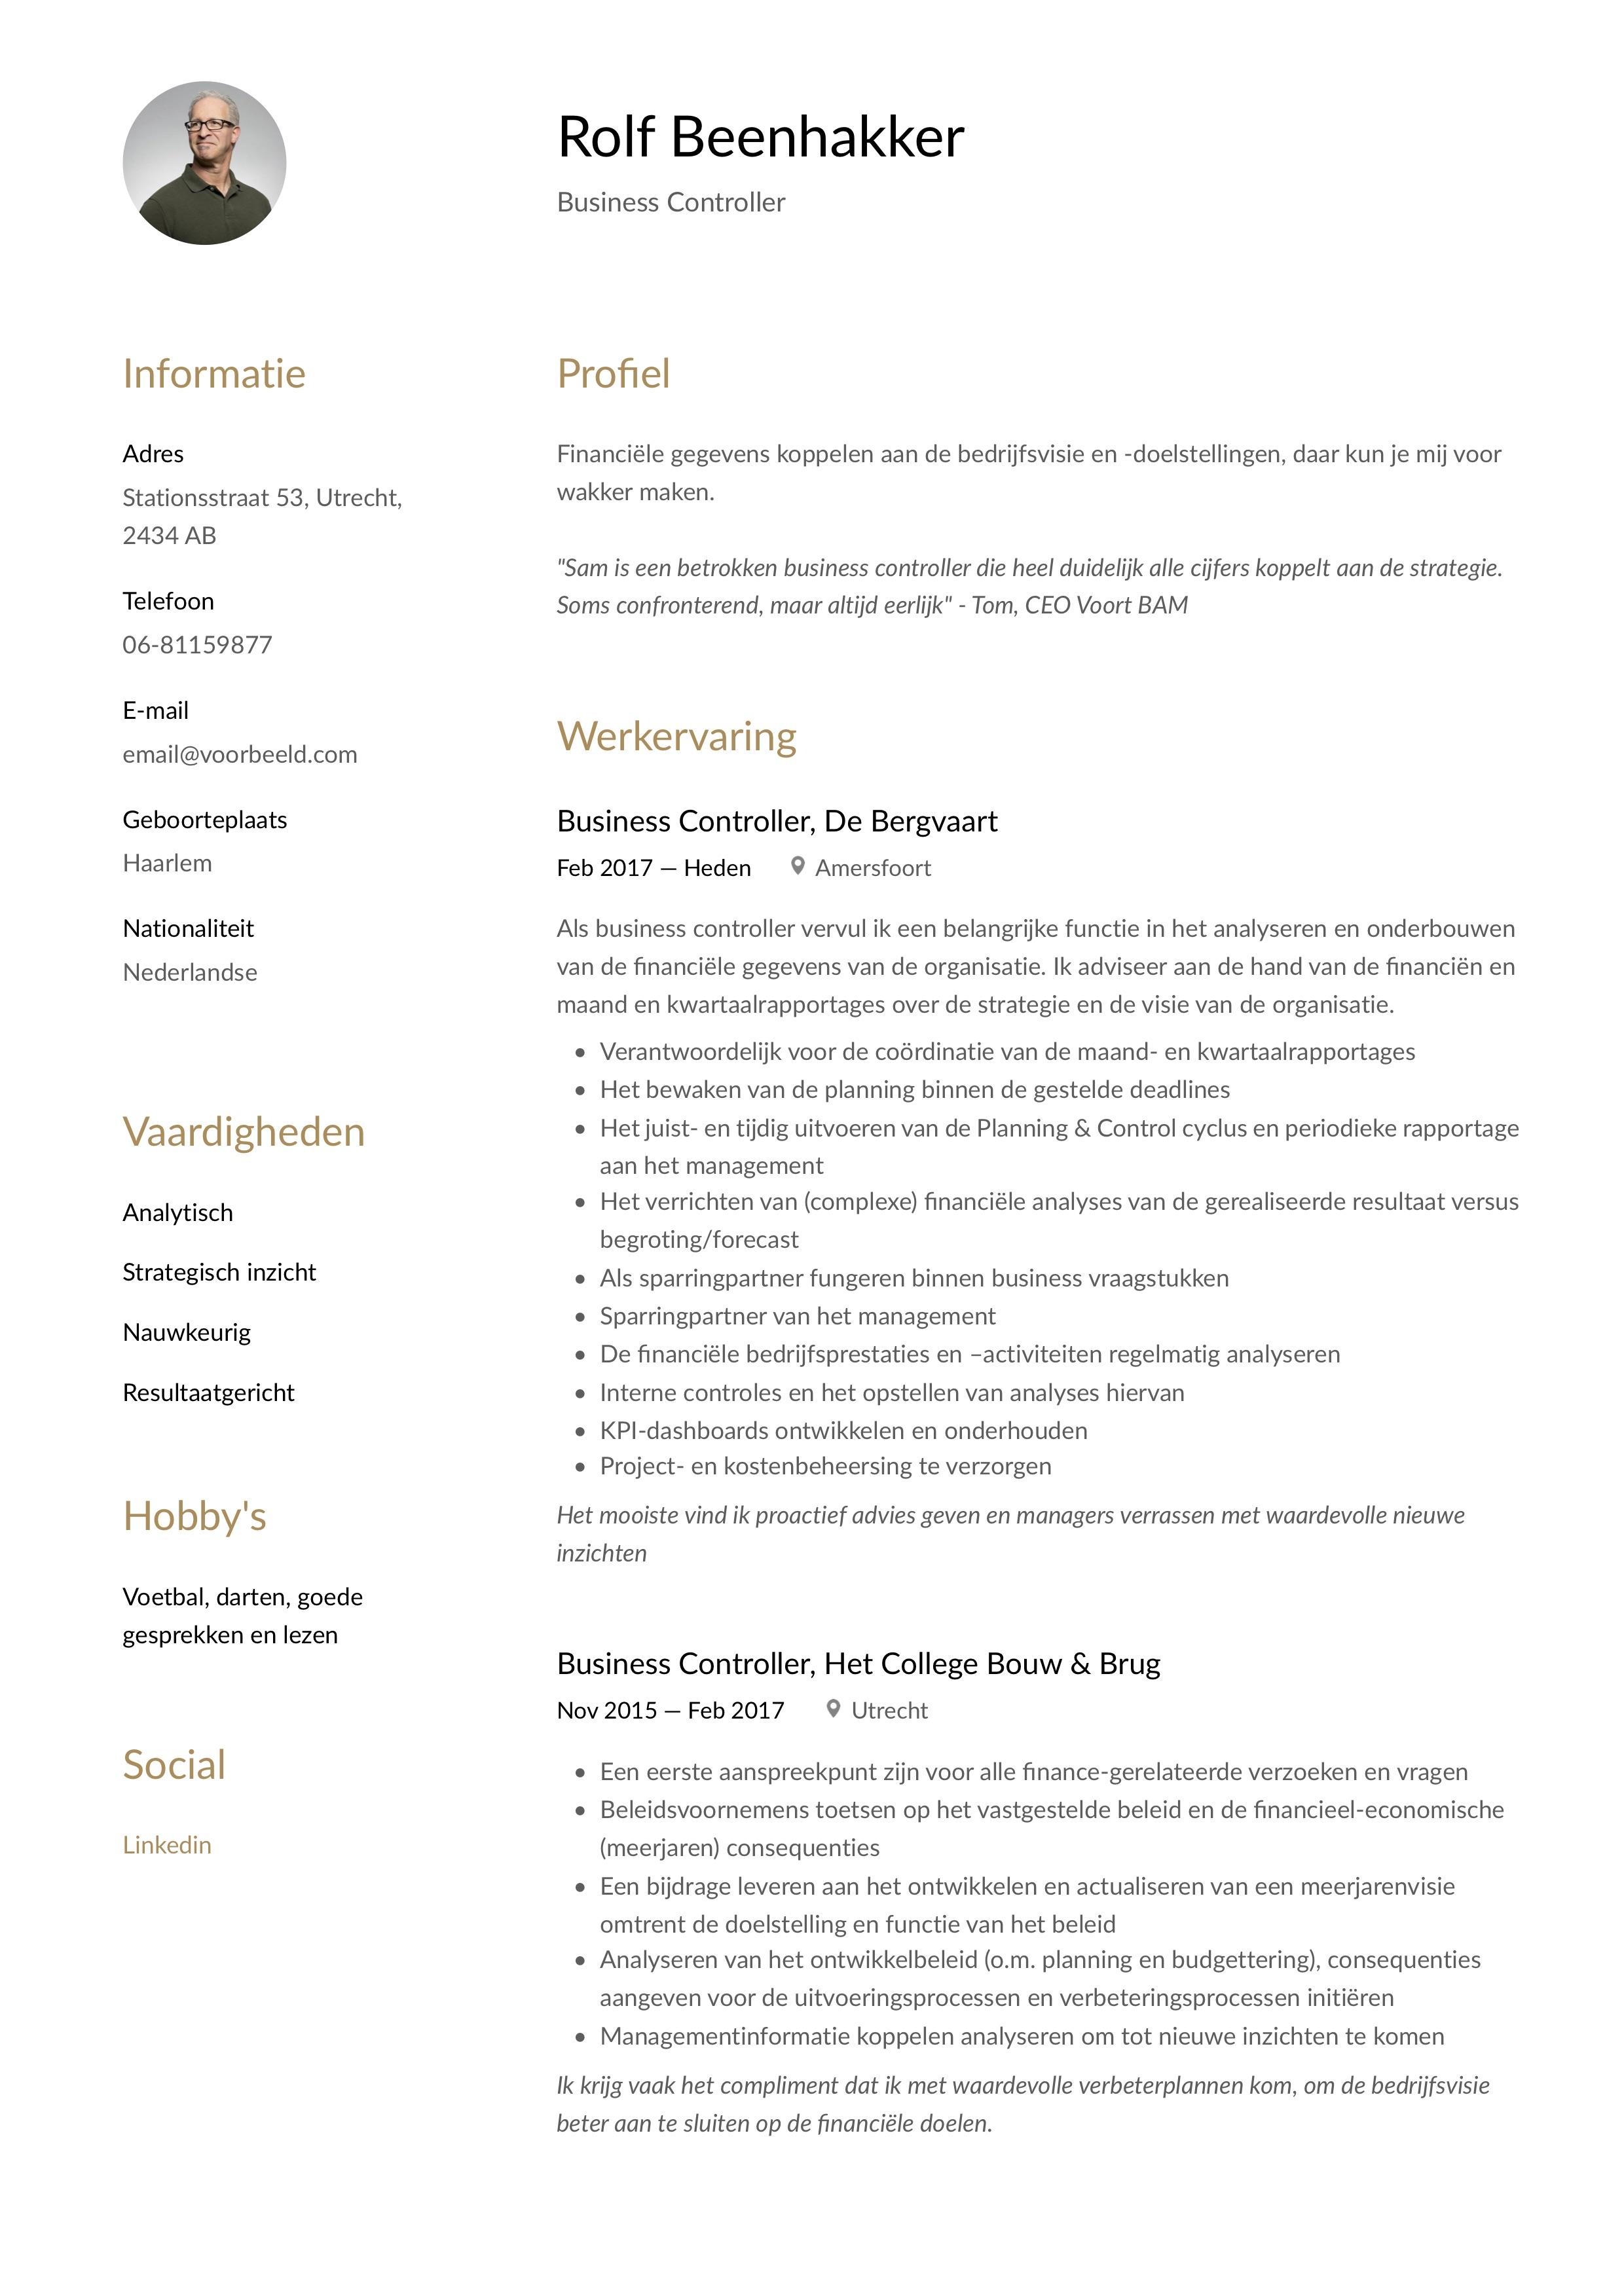 CV Voorbeeld Business controller